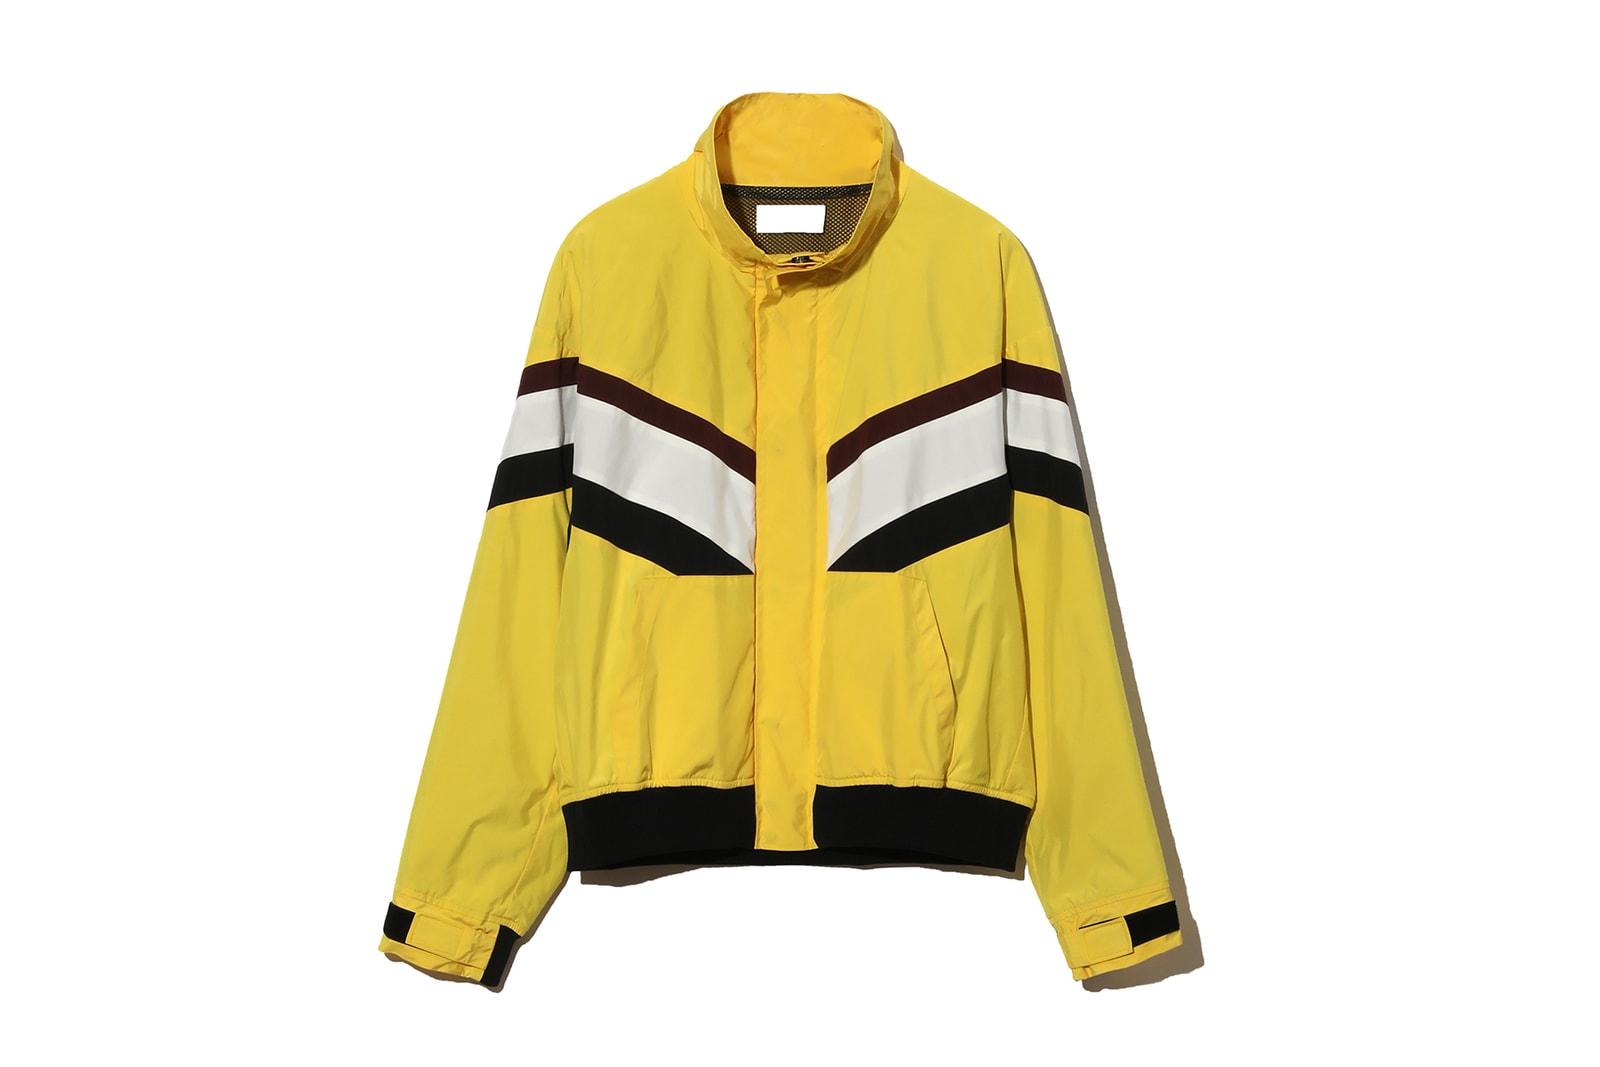 ambush joyce verbal yoon exclusive capsule tracksuit track jacket pants punk